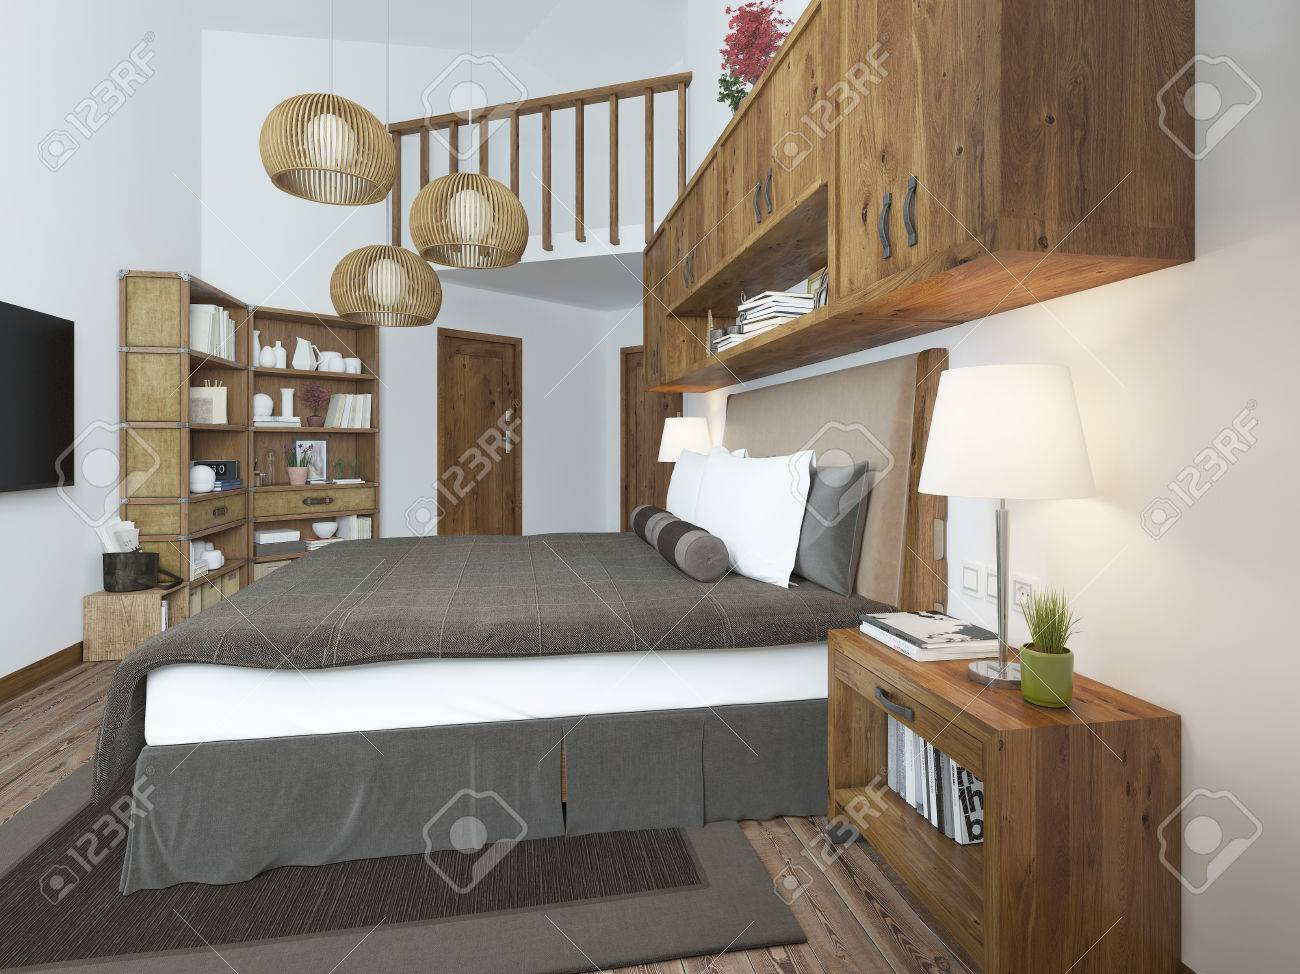 Camera Da Letto Nel Soppalco : Camera con soppalco cheap loft con camera soppalco e cucina su